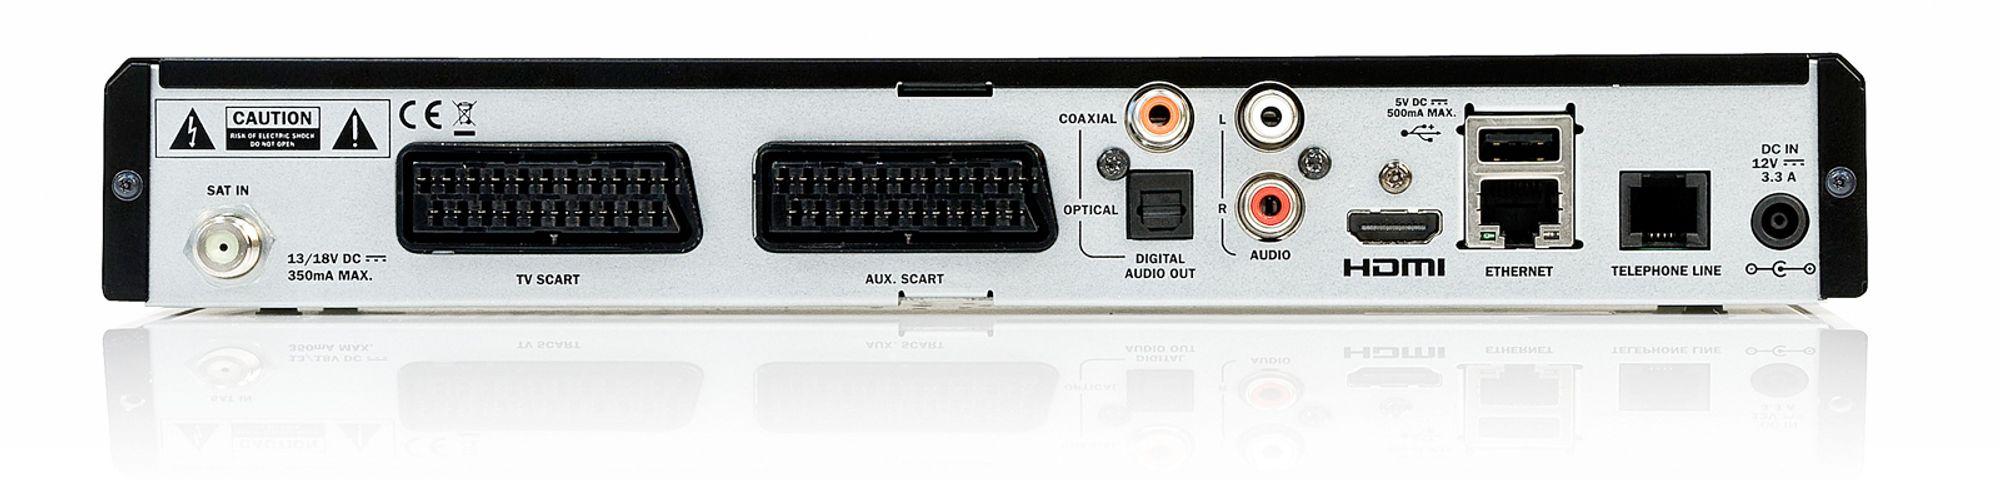 Slik setter du opp trådløs Altibox TV med sender og mottaker